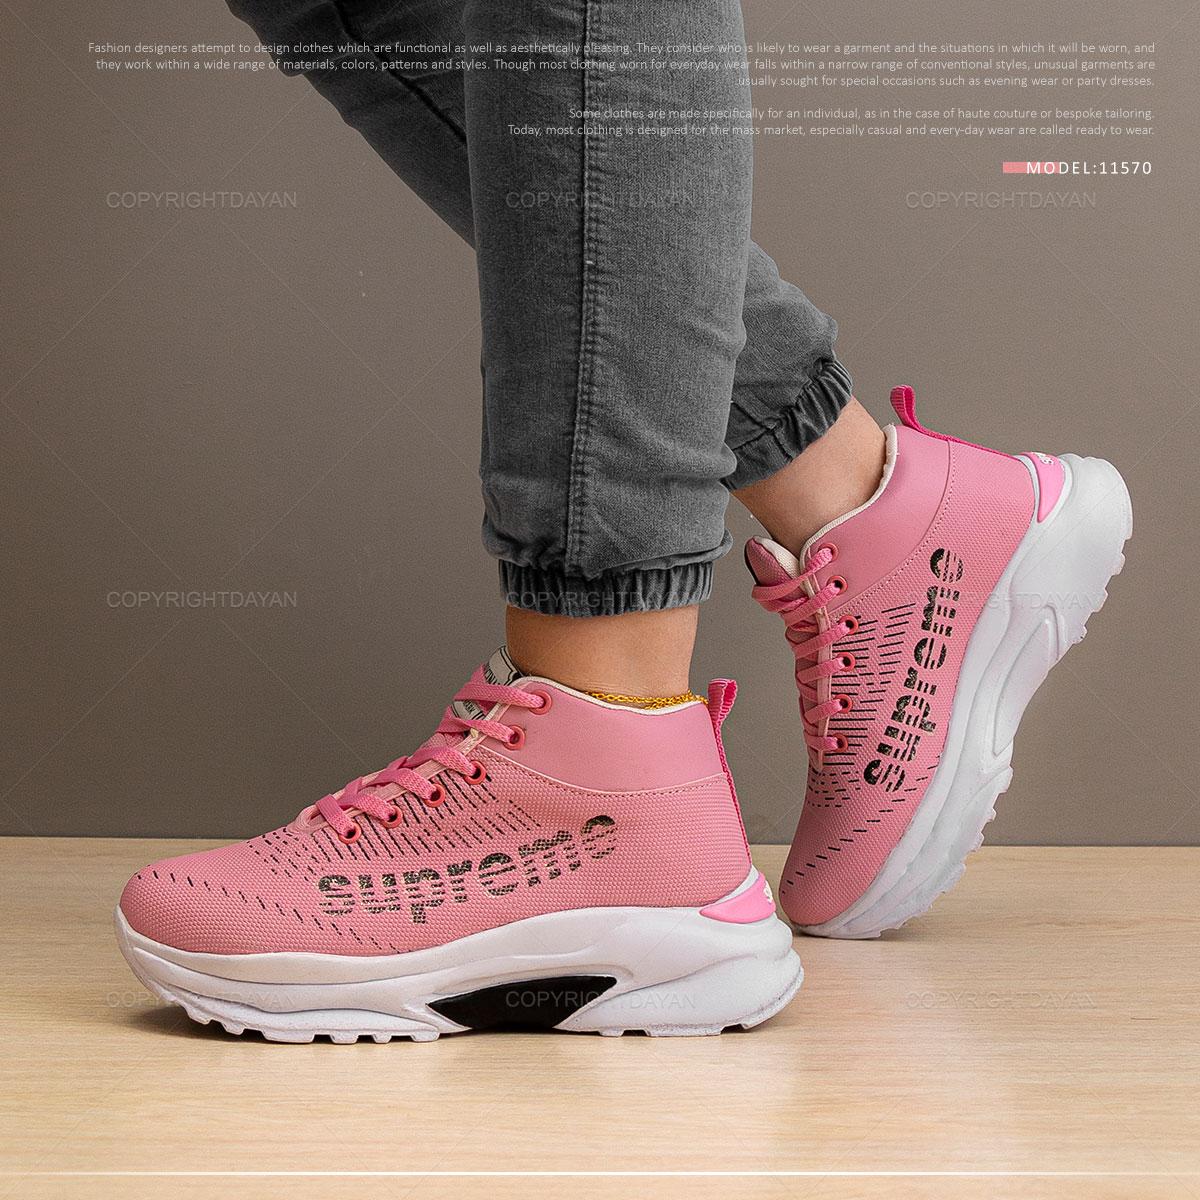 کفش لژ زنانه سوپرمی | Supreme